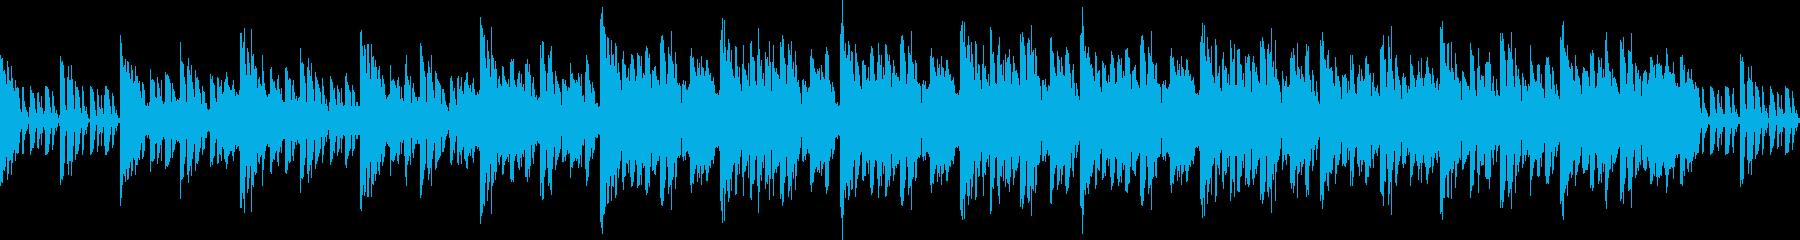 神秘的★近未来的なEDM|ループ素材の再生済みの波形